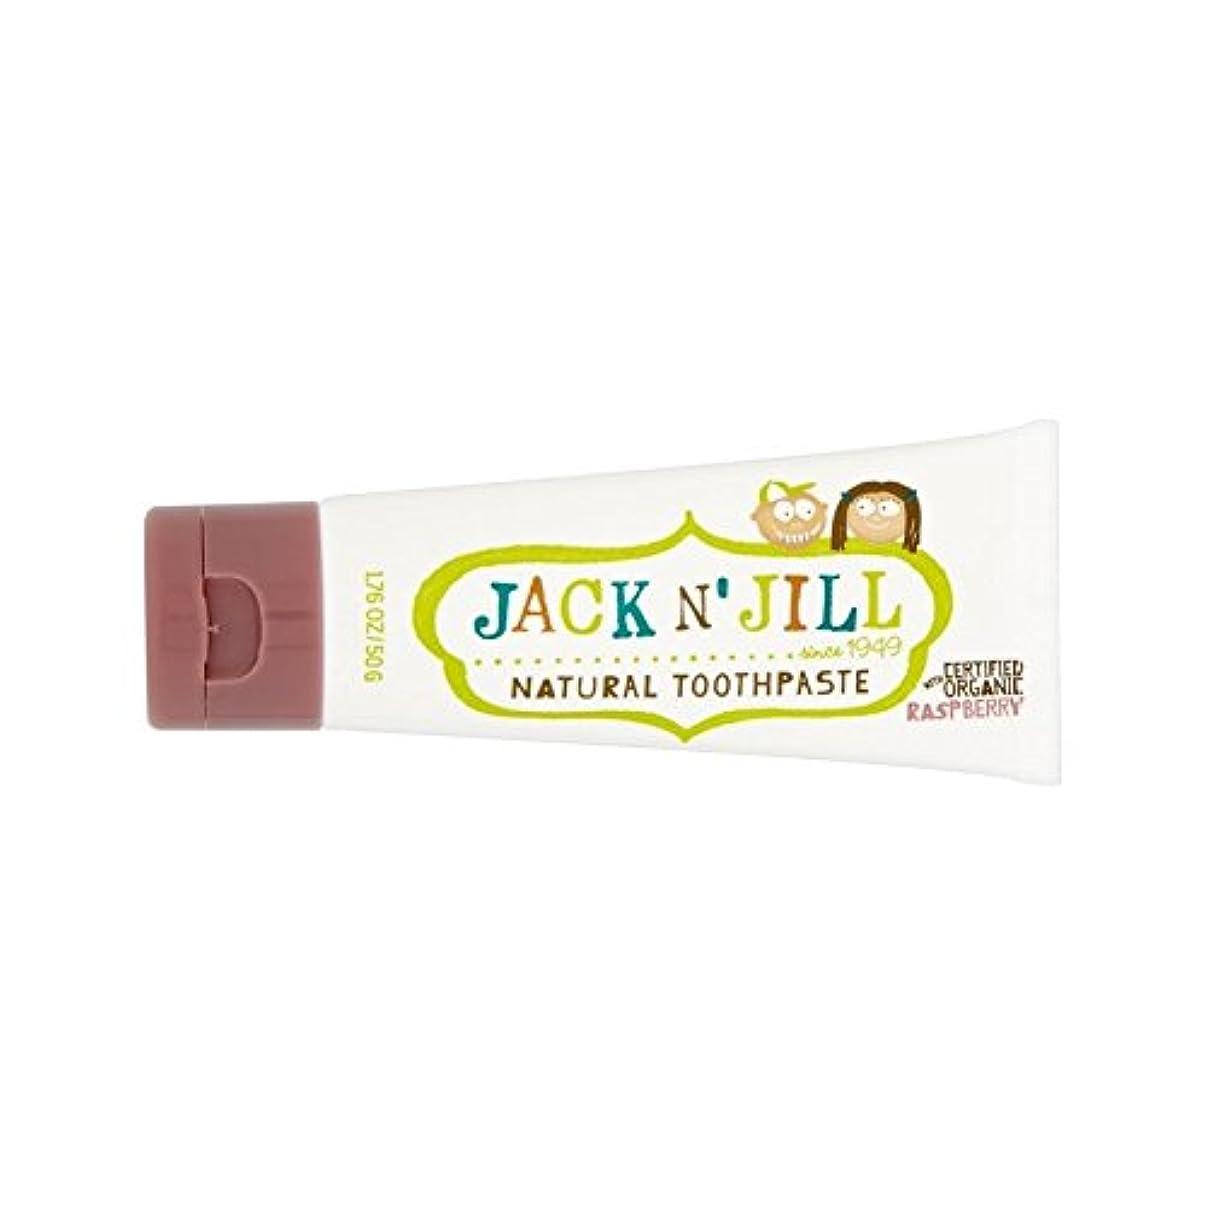 小麦ピアノ子犬有機香味50グラム天然ラズベリー歯磨き粉 (Jack N Jill) - Jack N' Jill Raspberry Toothpaste Natural with Organic Flavouring 50g [並行輸入品]